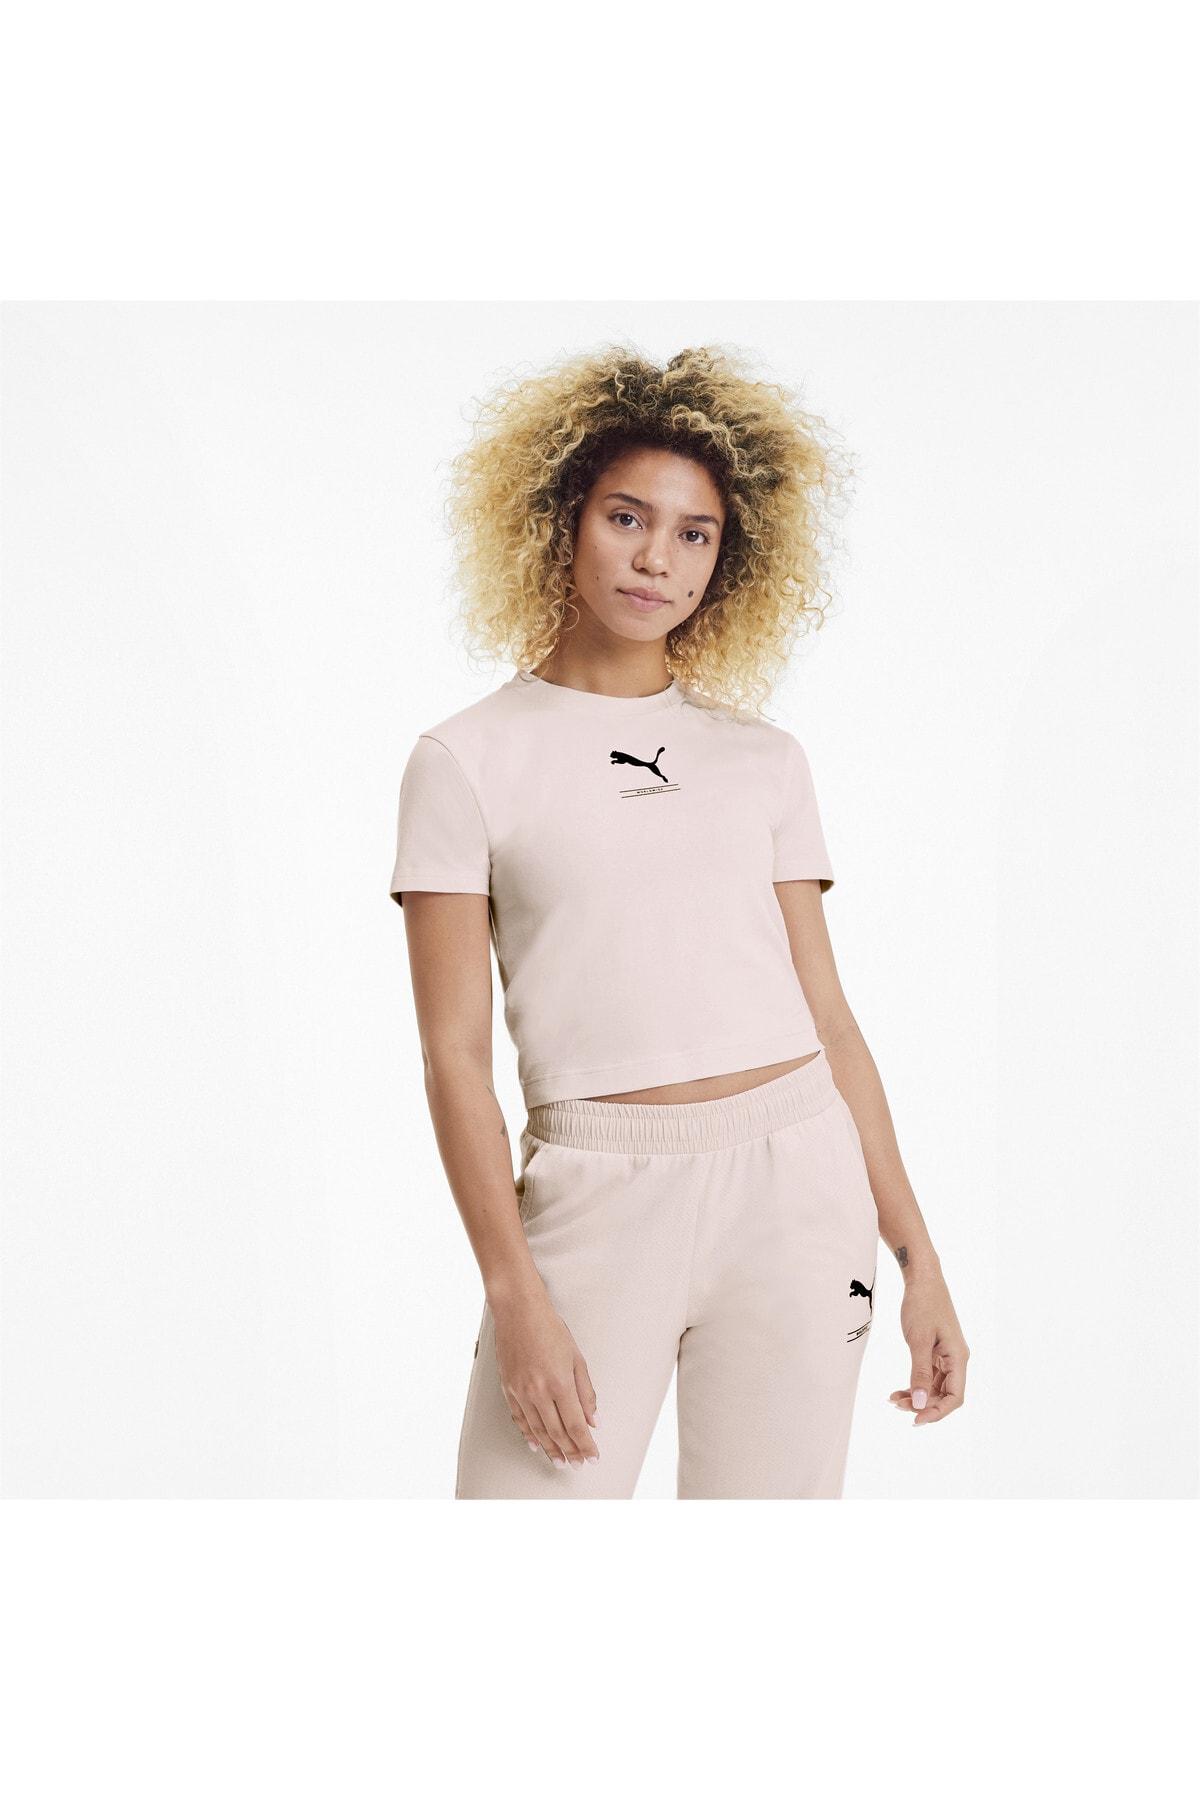 Puma Kadın Spor T-Shirt - NU-TILITY - 58137717